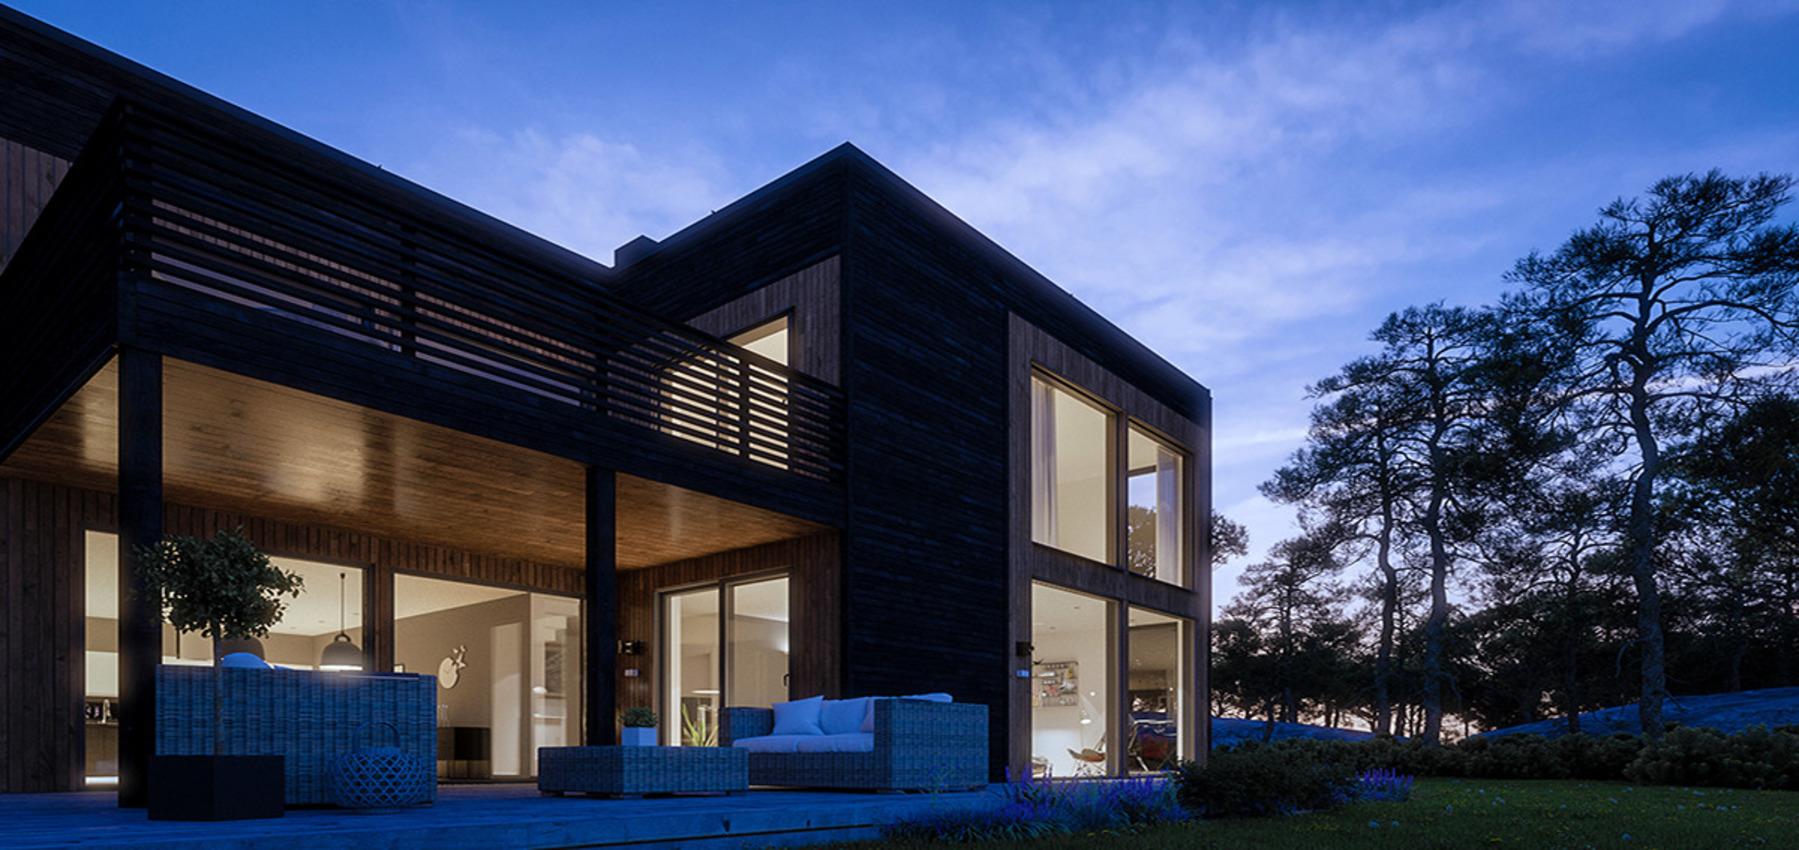 Bygge hus hva må man tenke på